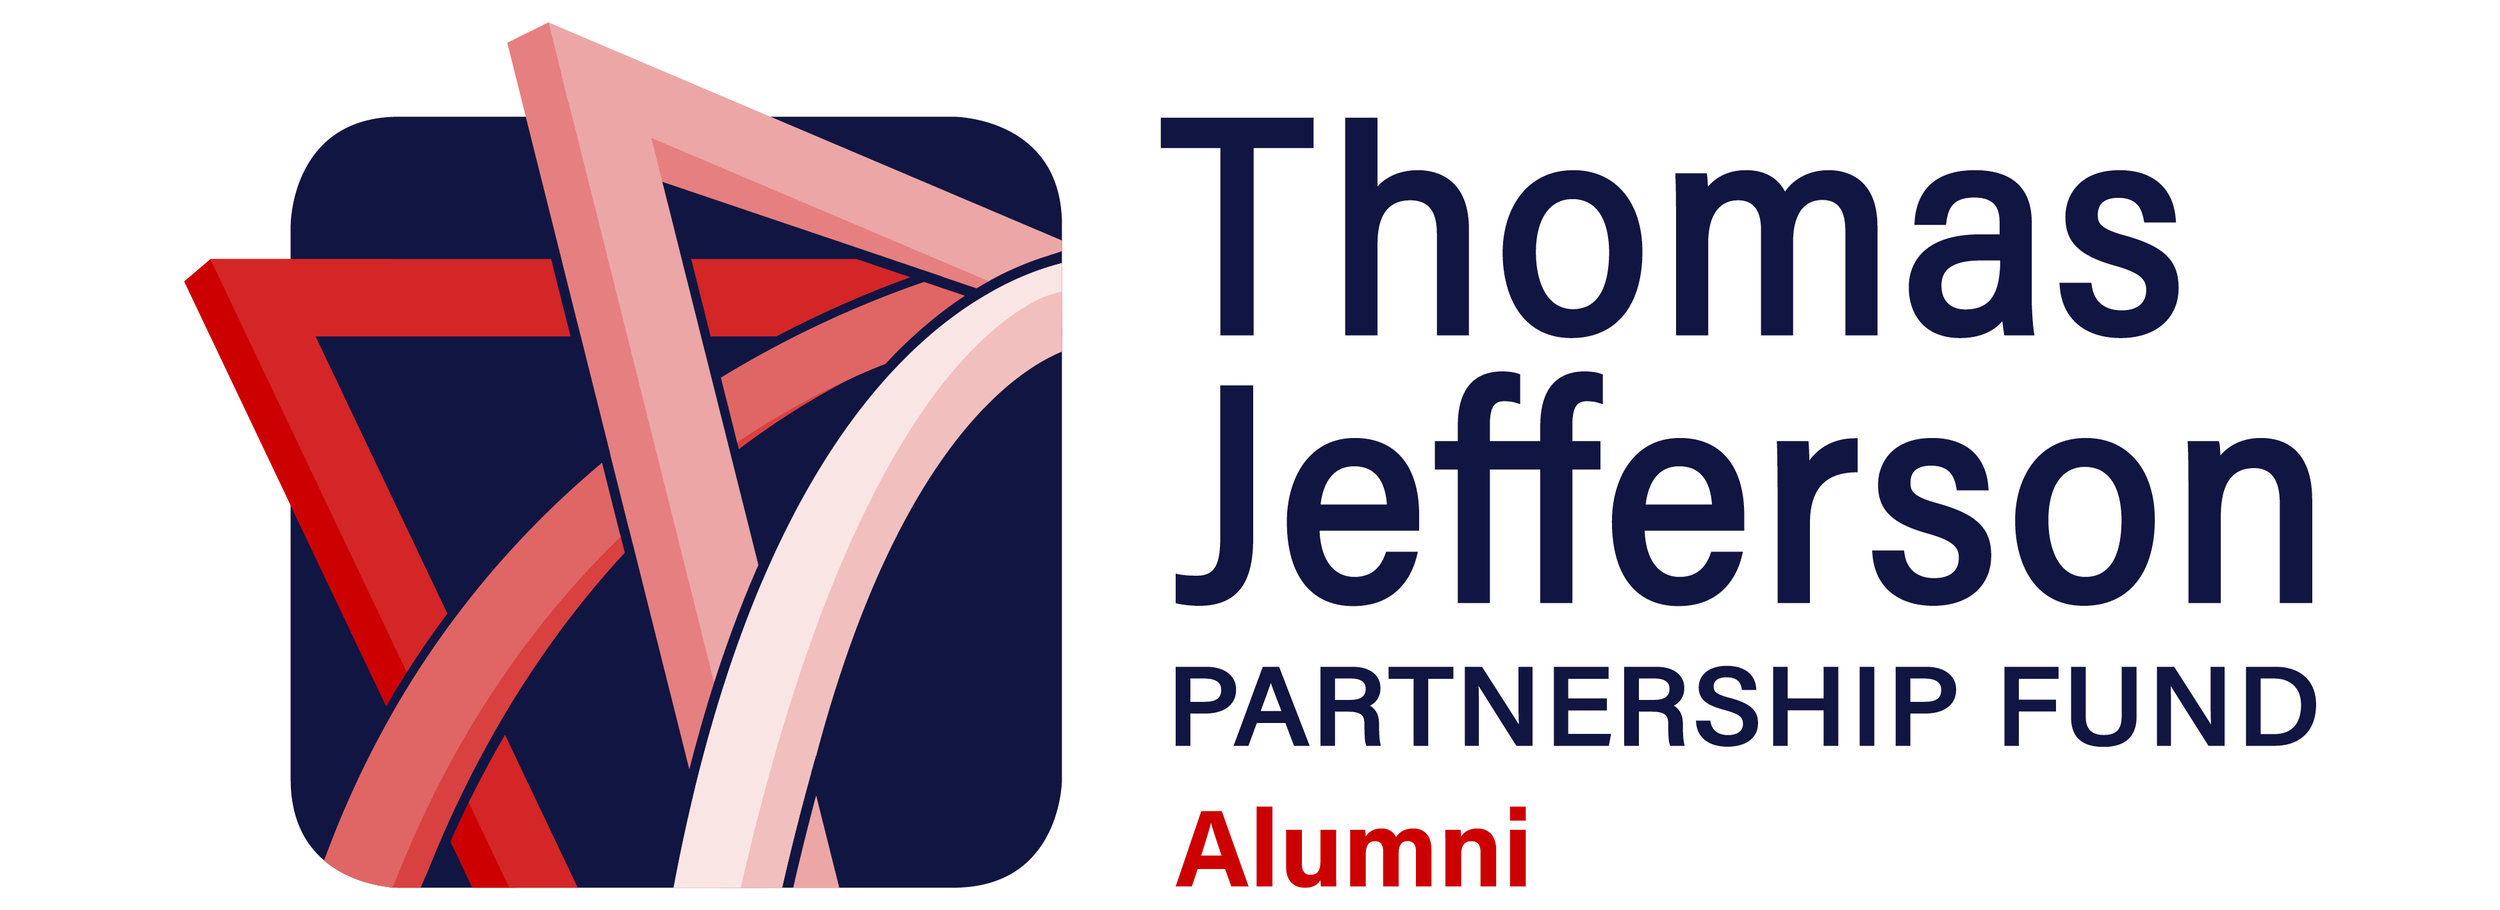 TJP-AlumniLogo.jpg